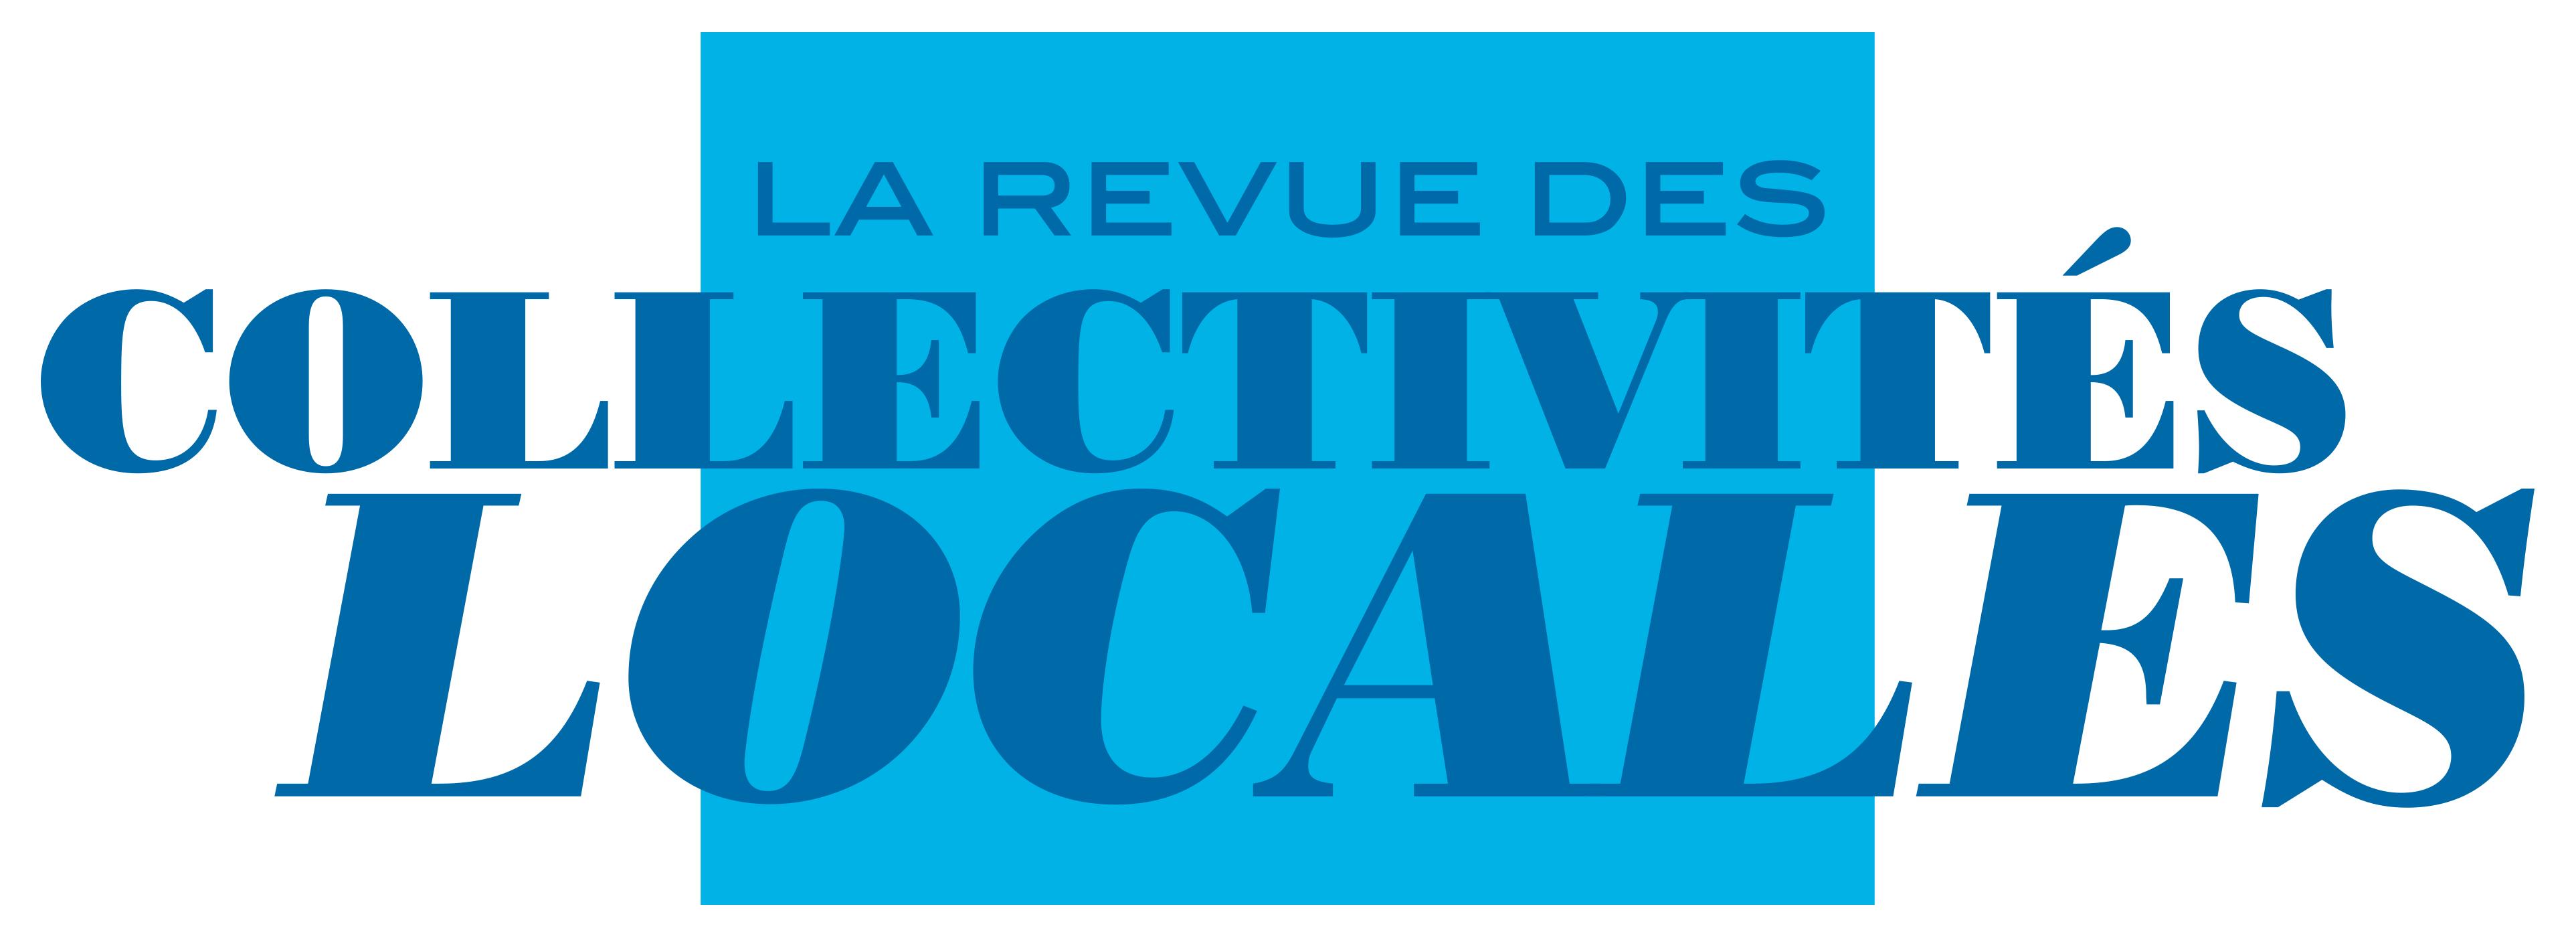 La Revue des Collectivités locales